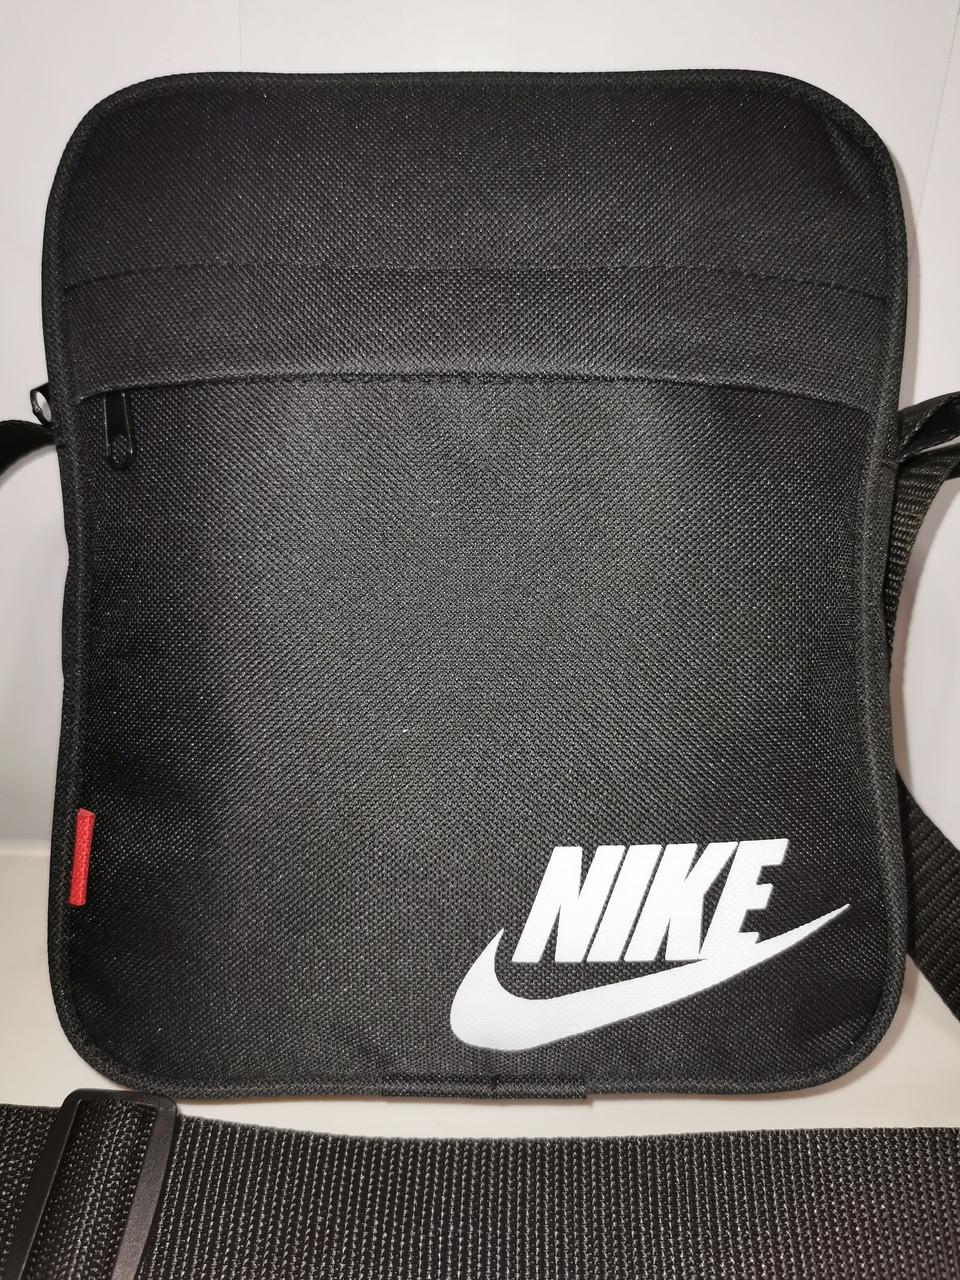 Чоловіча Барсетка NIKE сумка через плече для Оксфорд тканина Спортивні сумка тільки ОПТ